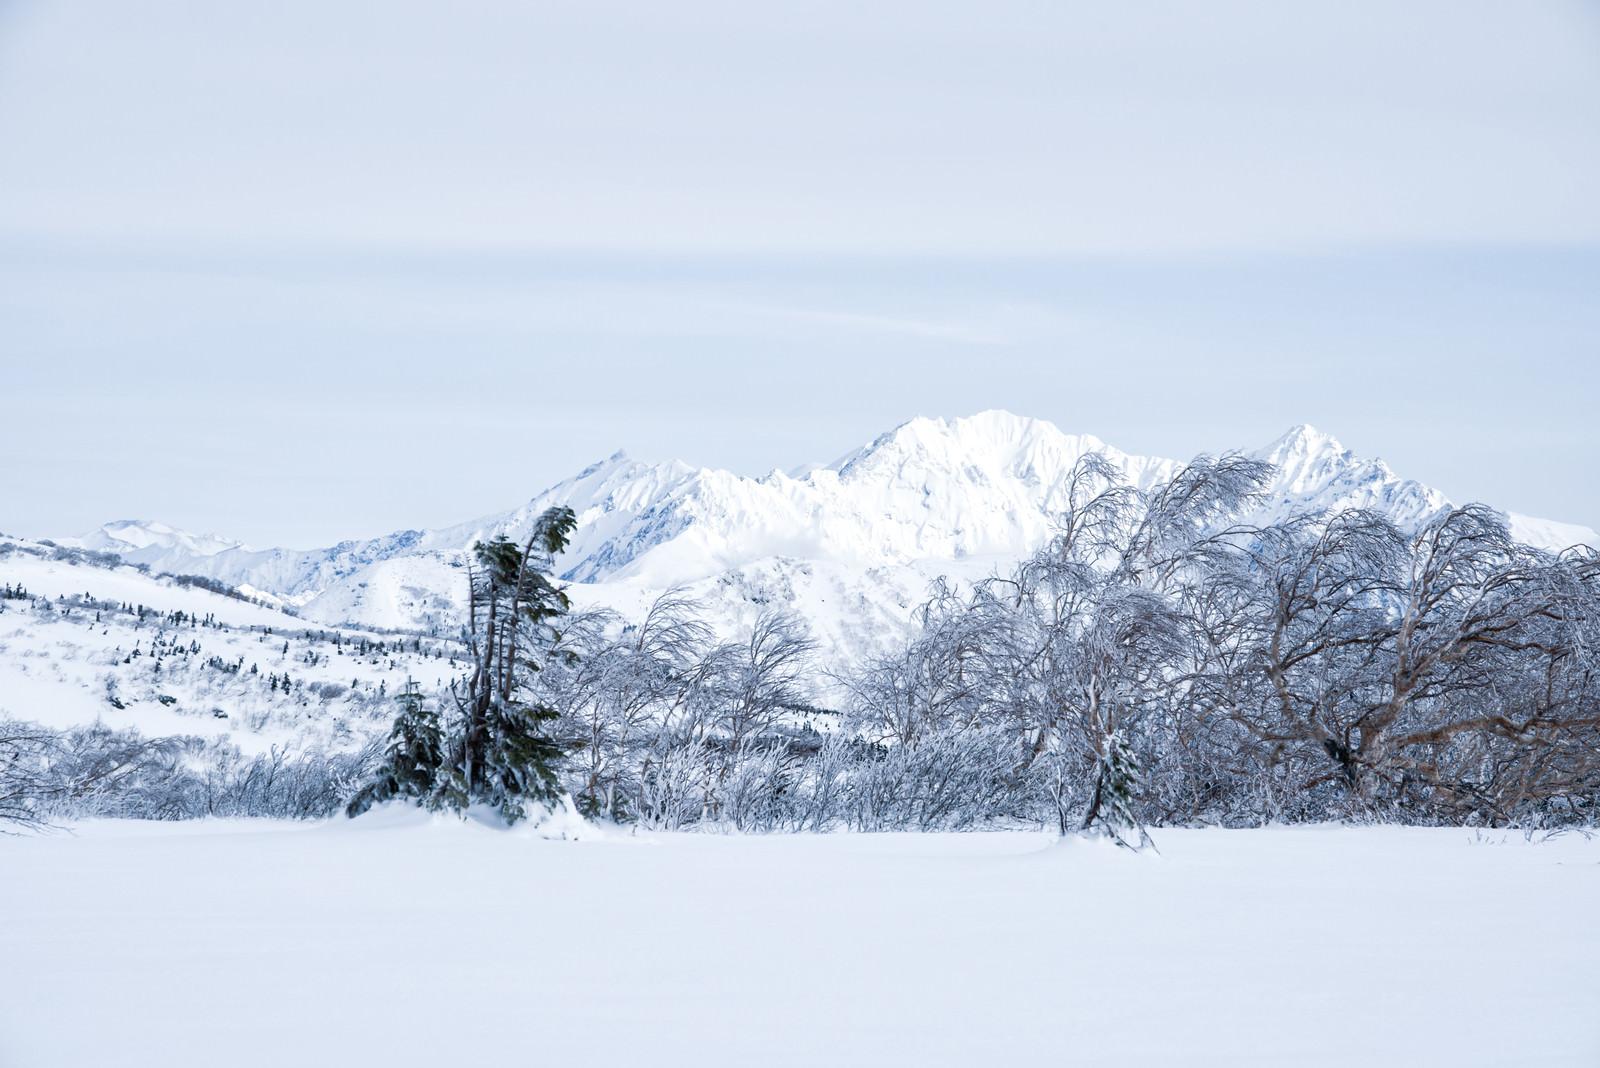 「雪化粧した穂高連峰の稜線(飛騨山脈南部)」の写真